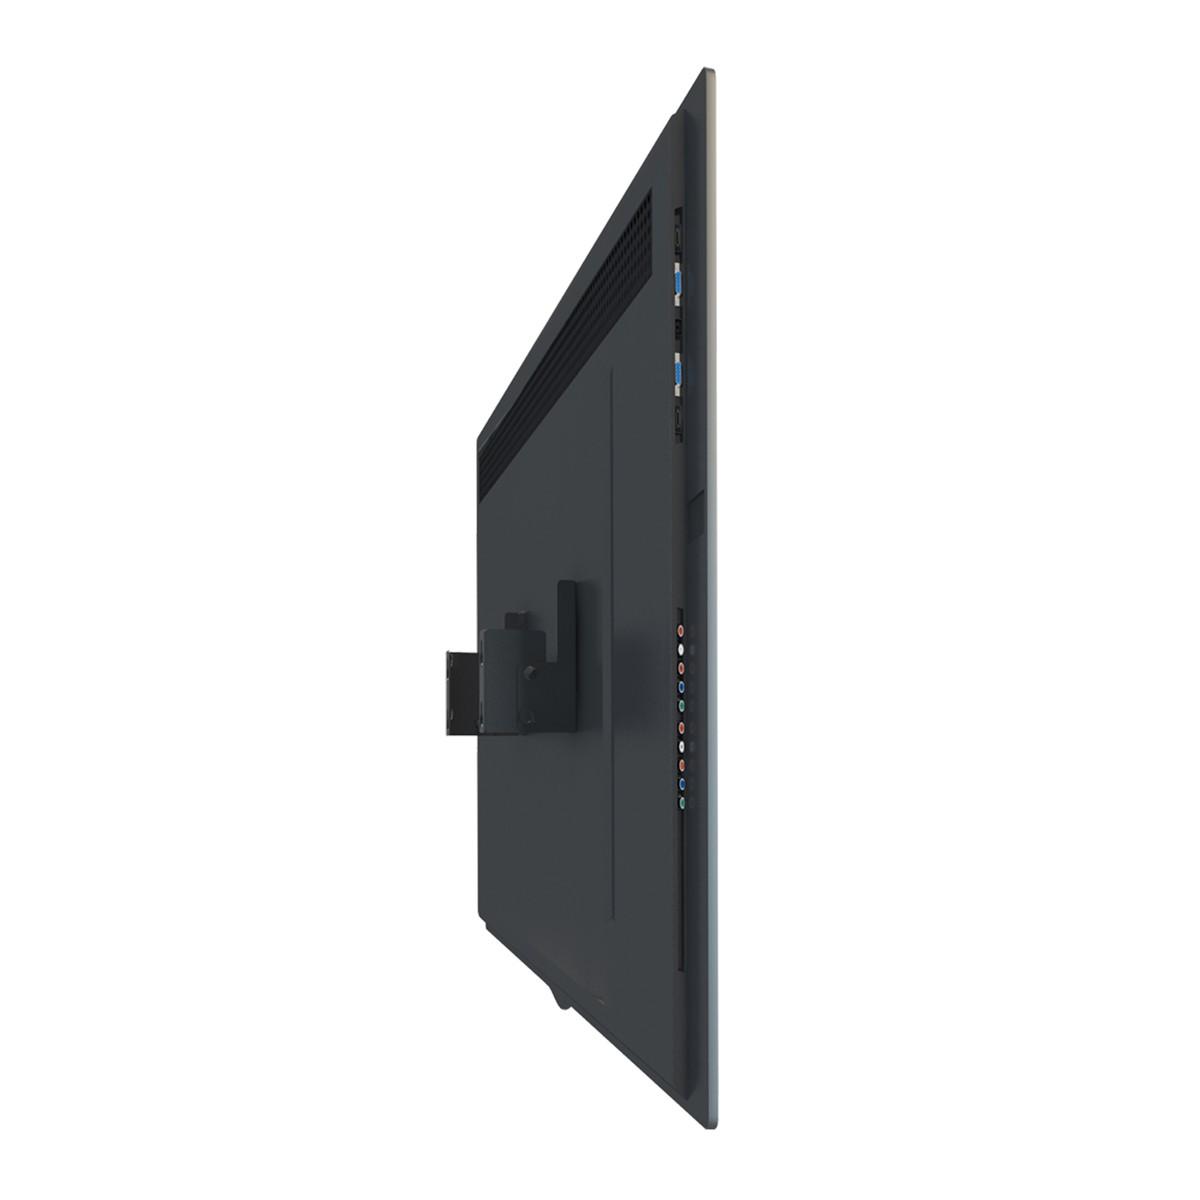 """TOUCH Suporte com Inclinação para TV LCD/Plasma/LED de 14"""" a 71"""" - UNIVERSAL Cor: Preto"""